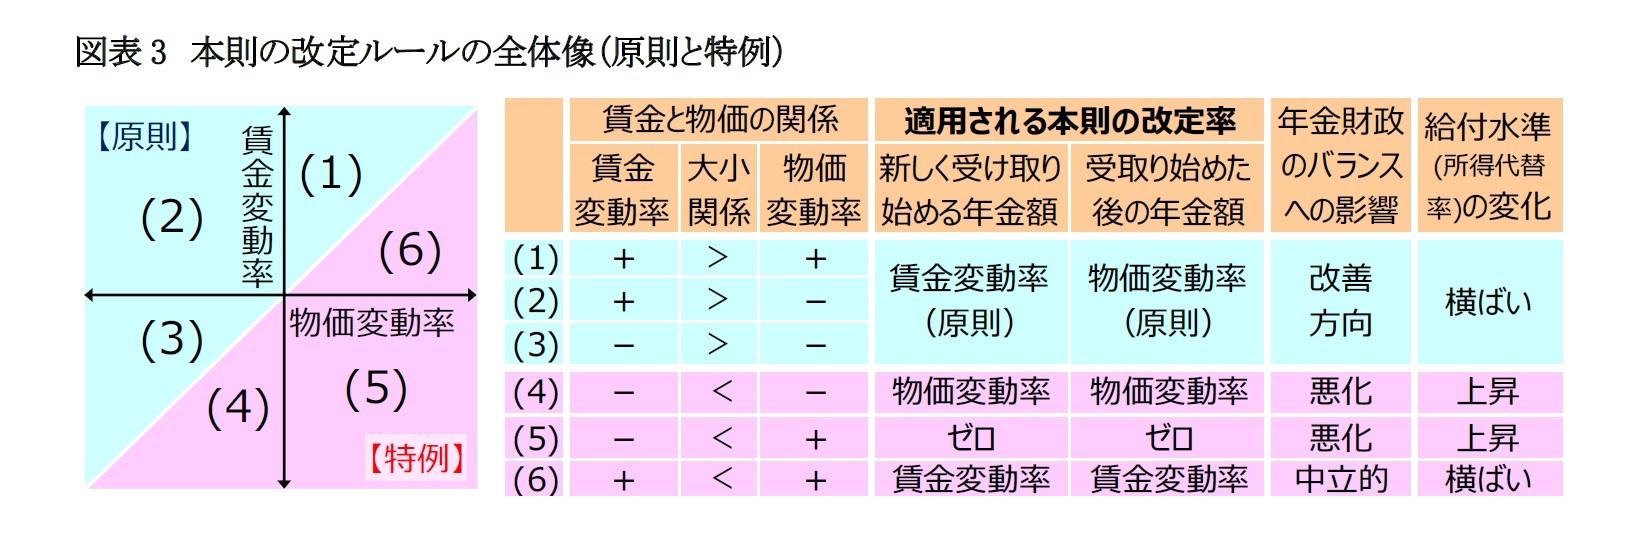 図表3 本則の改定ルールの全体像(原則と特例)